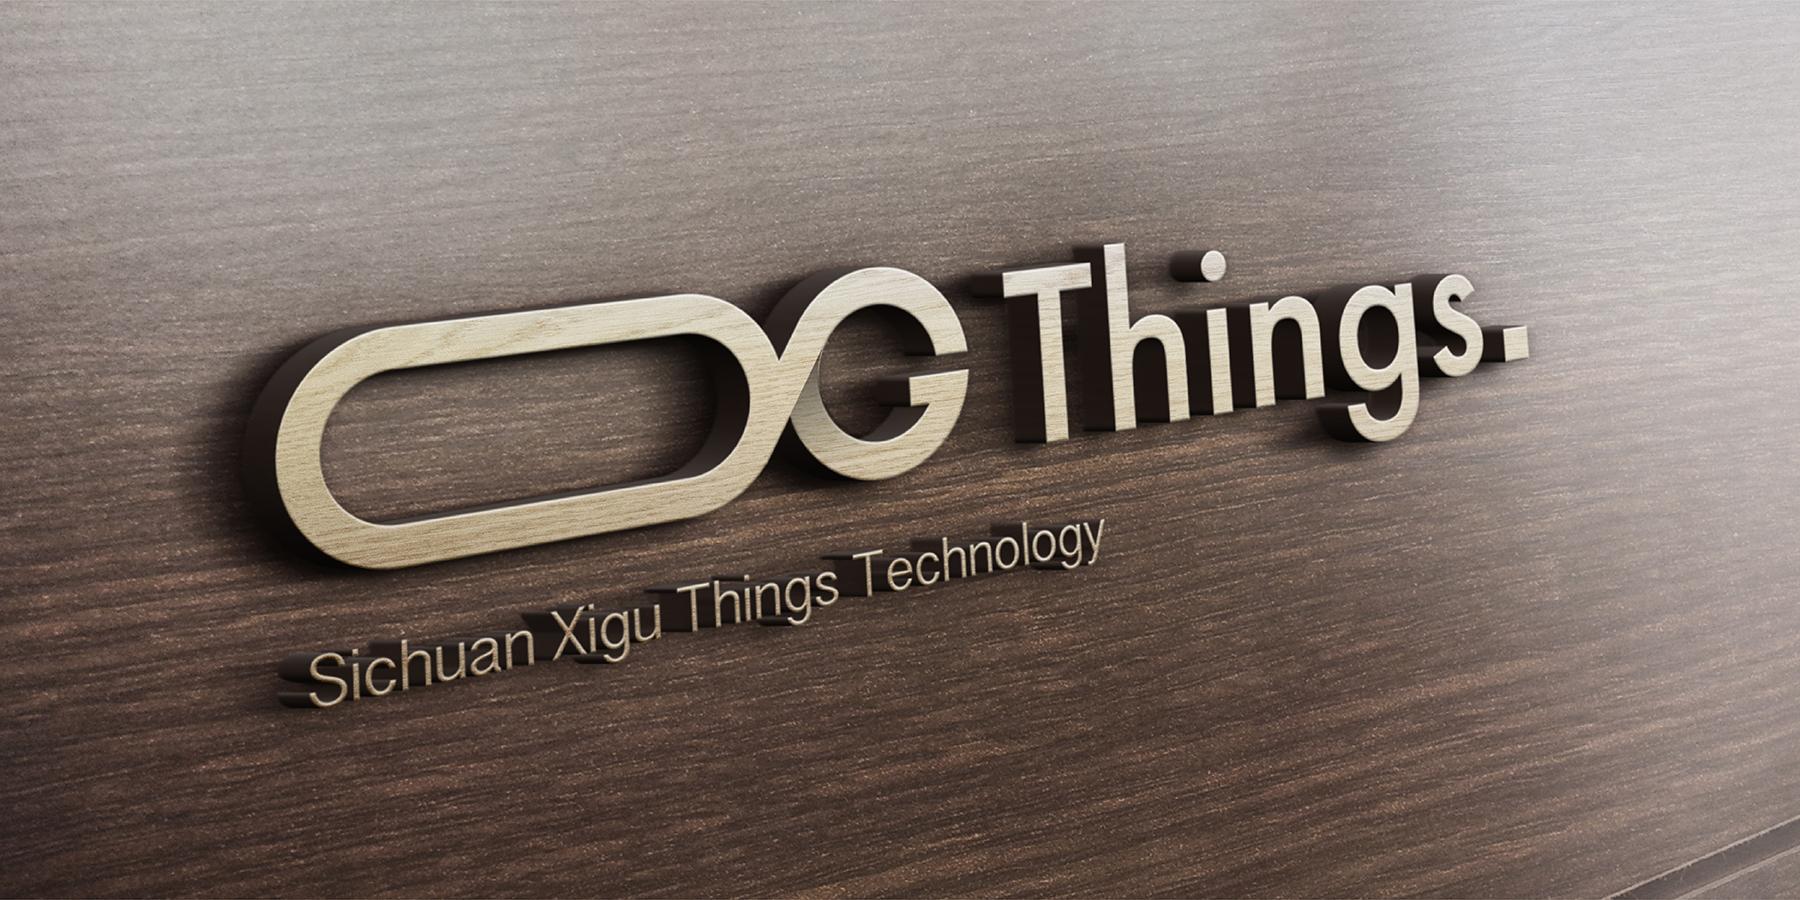 西谷物联-logo设计-VI设计-品牌设计